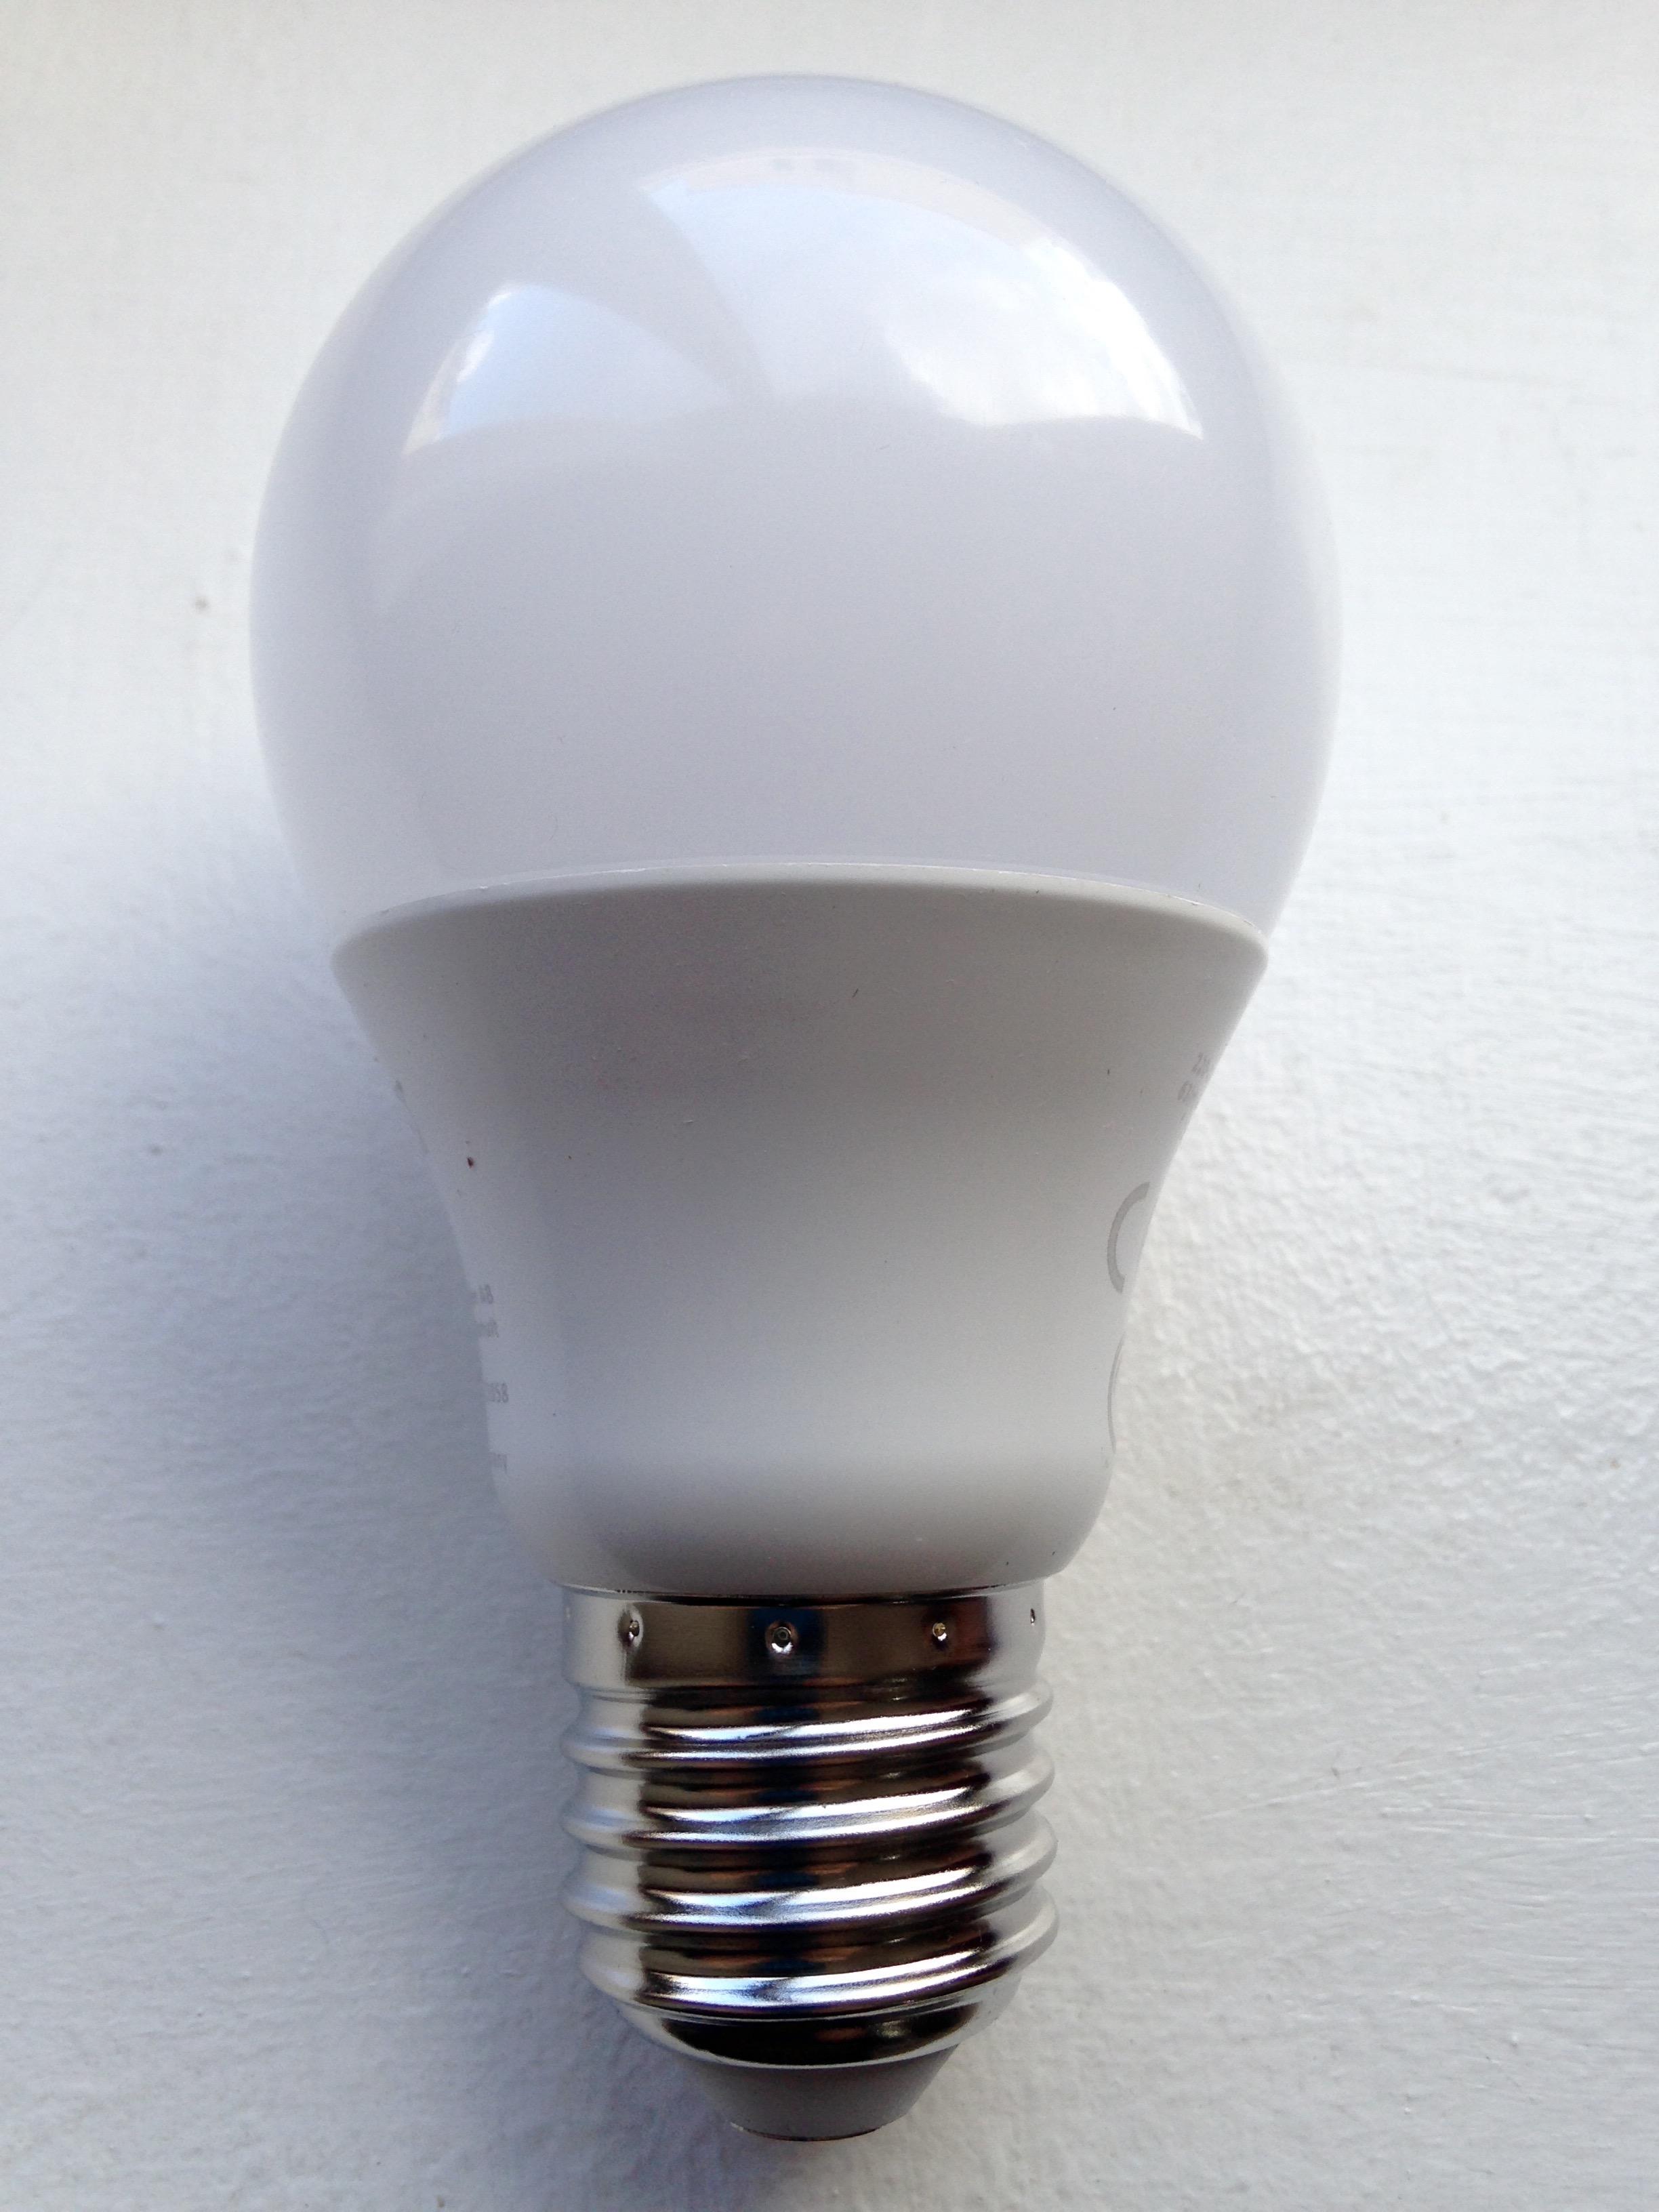 les ampoules led sont elles dangereuses pour les yeux des. Black Bedroom Furniture Sets. Home Design Ideas